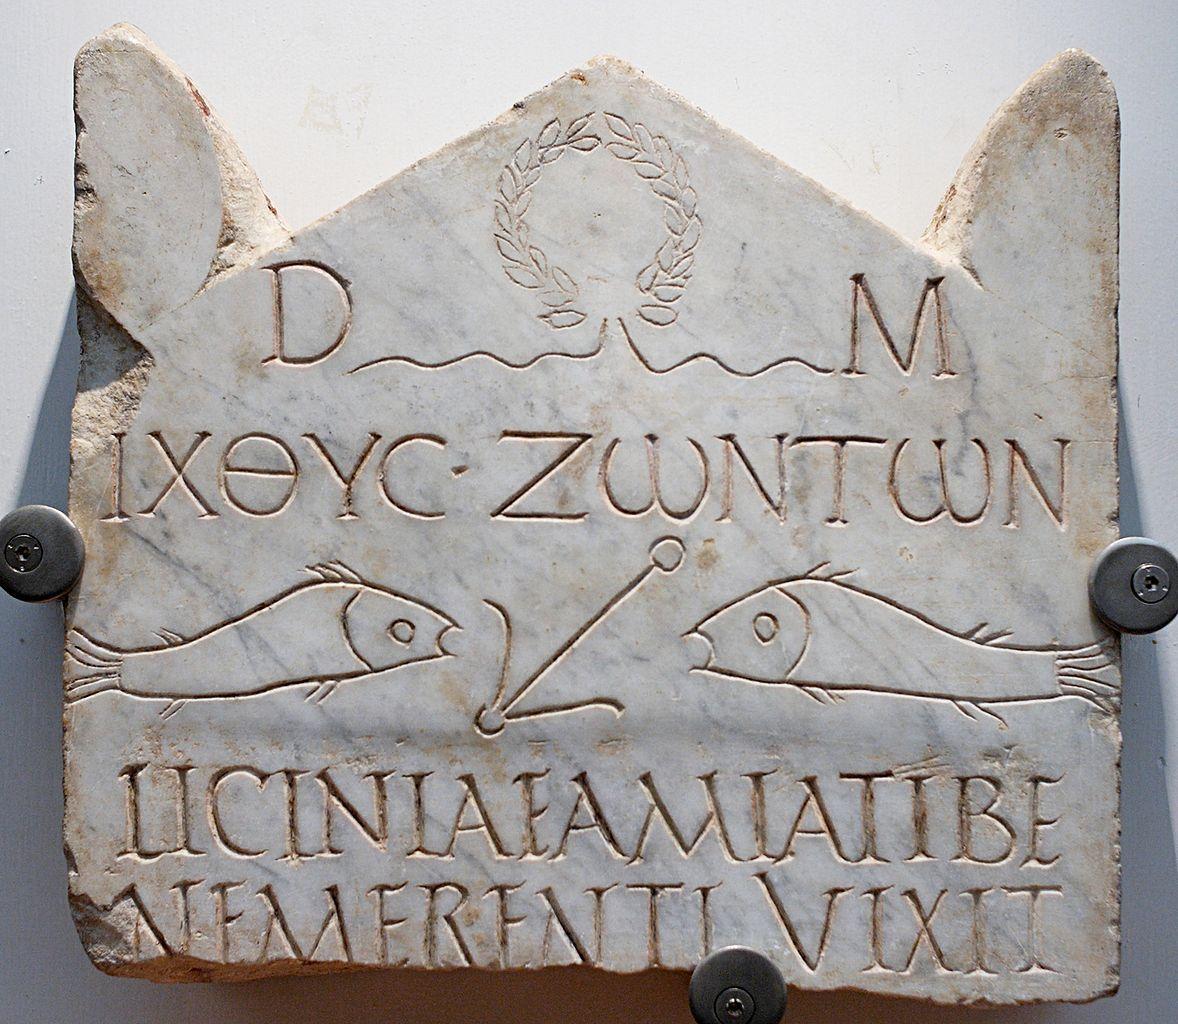 Peces flanqueando un ancla en la Estela de Licinia Amias, S III d.C. Roma, Termas de Diocleciano